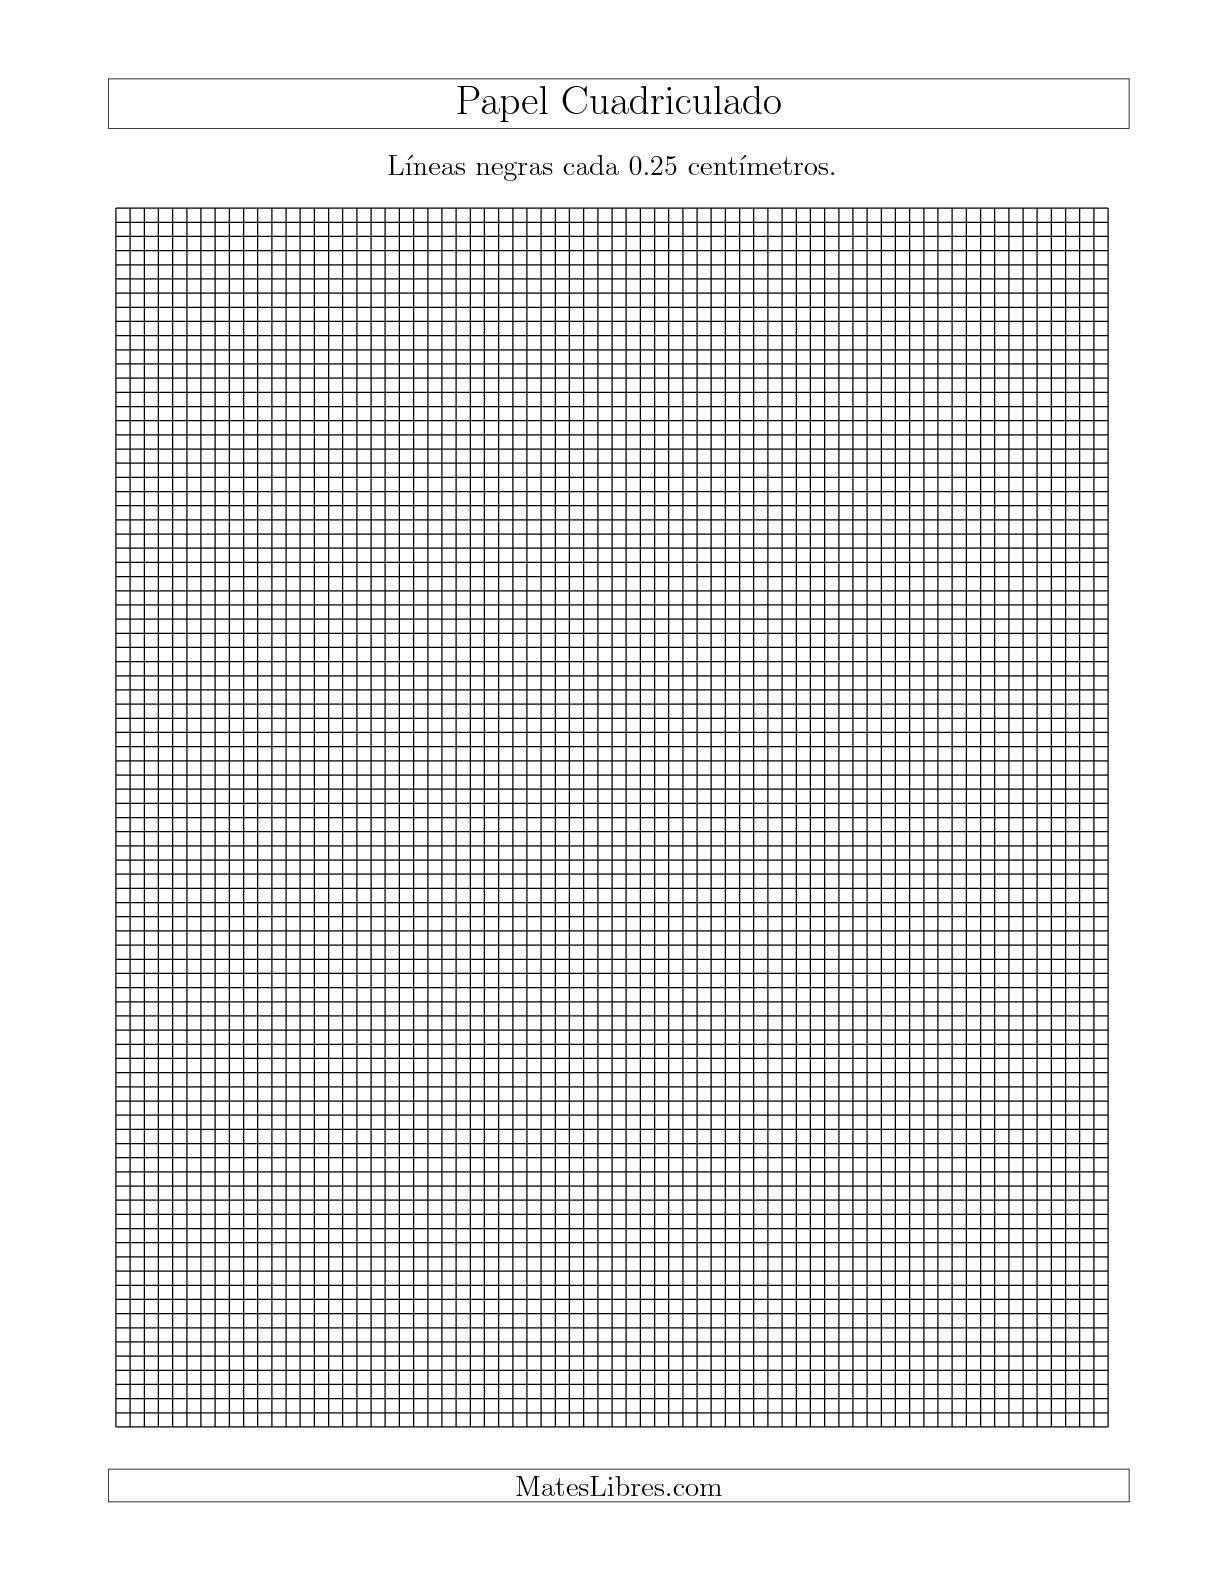 La Papel Cuadriculado de Líneas Negras cada 0.25cm, Tamaño de Papel Carta Hojas de Papel Cuadriculado